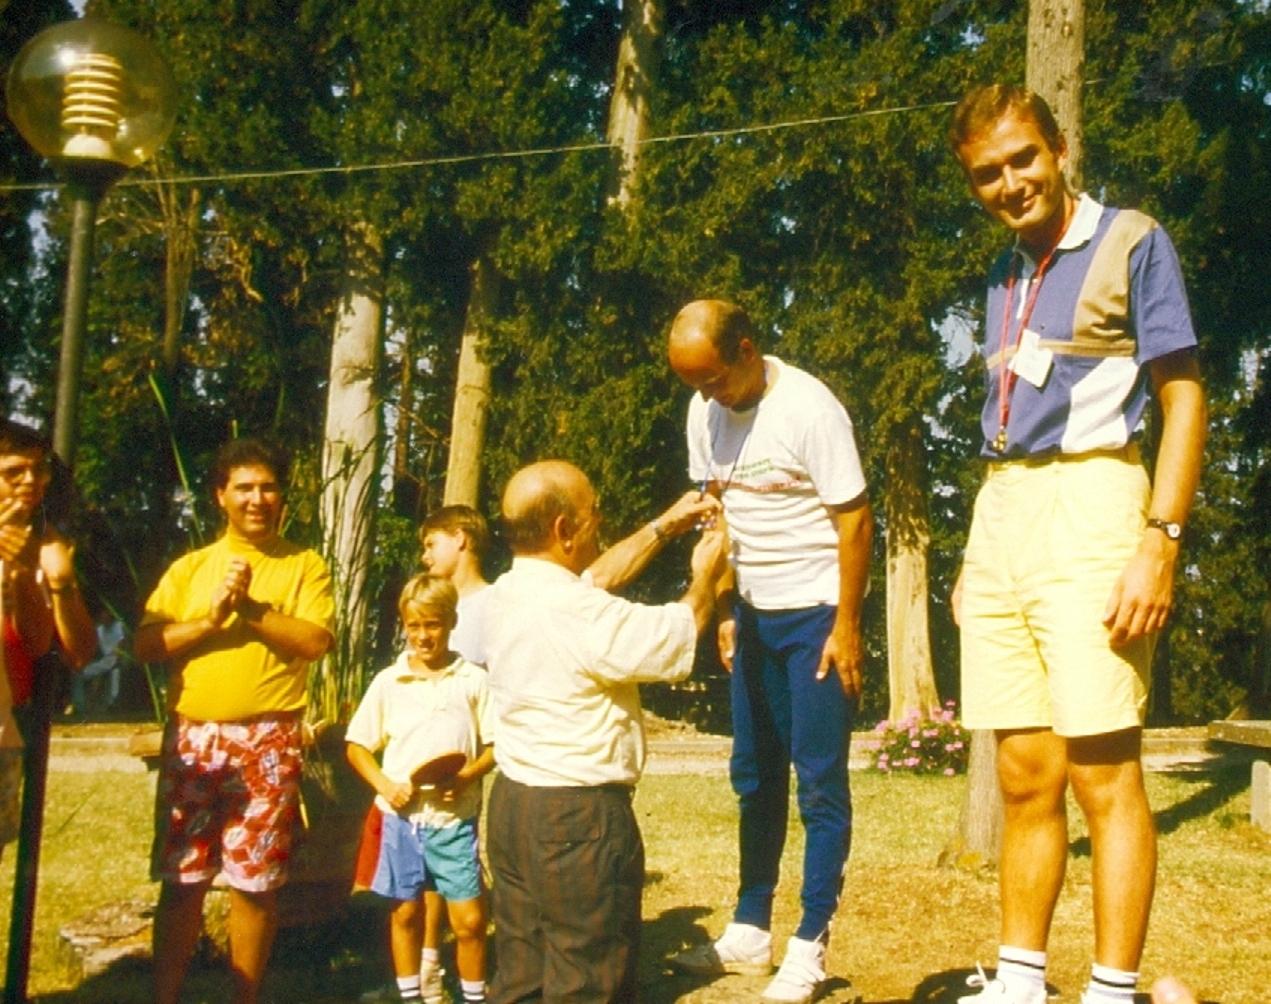 FRATELE GIONA PRENCIPE PREMIAZA PE STEFAN BENEDEK IN CENTRUL EVANGHELIC POGGIO UBERTINI DIN ITALIA 1990